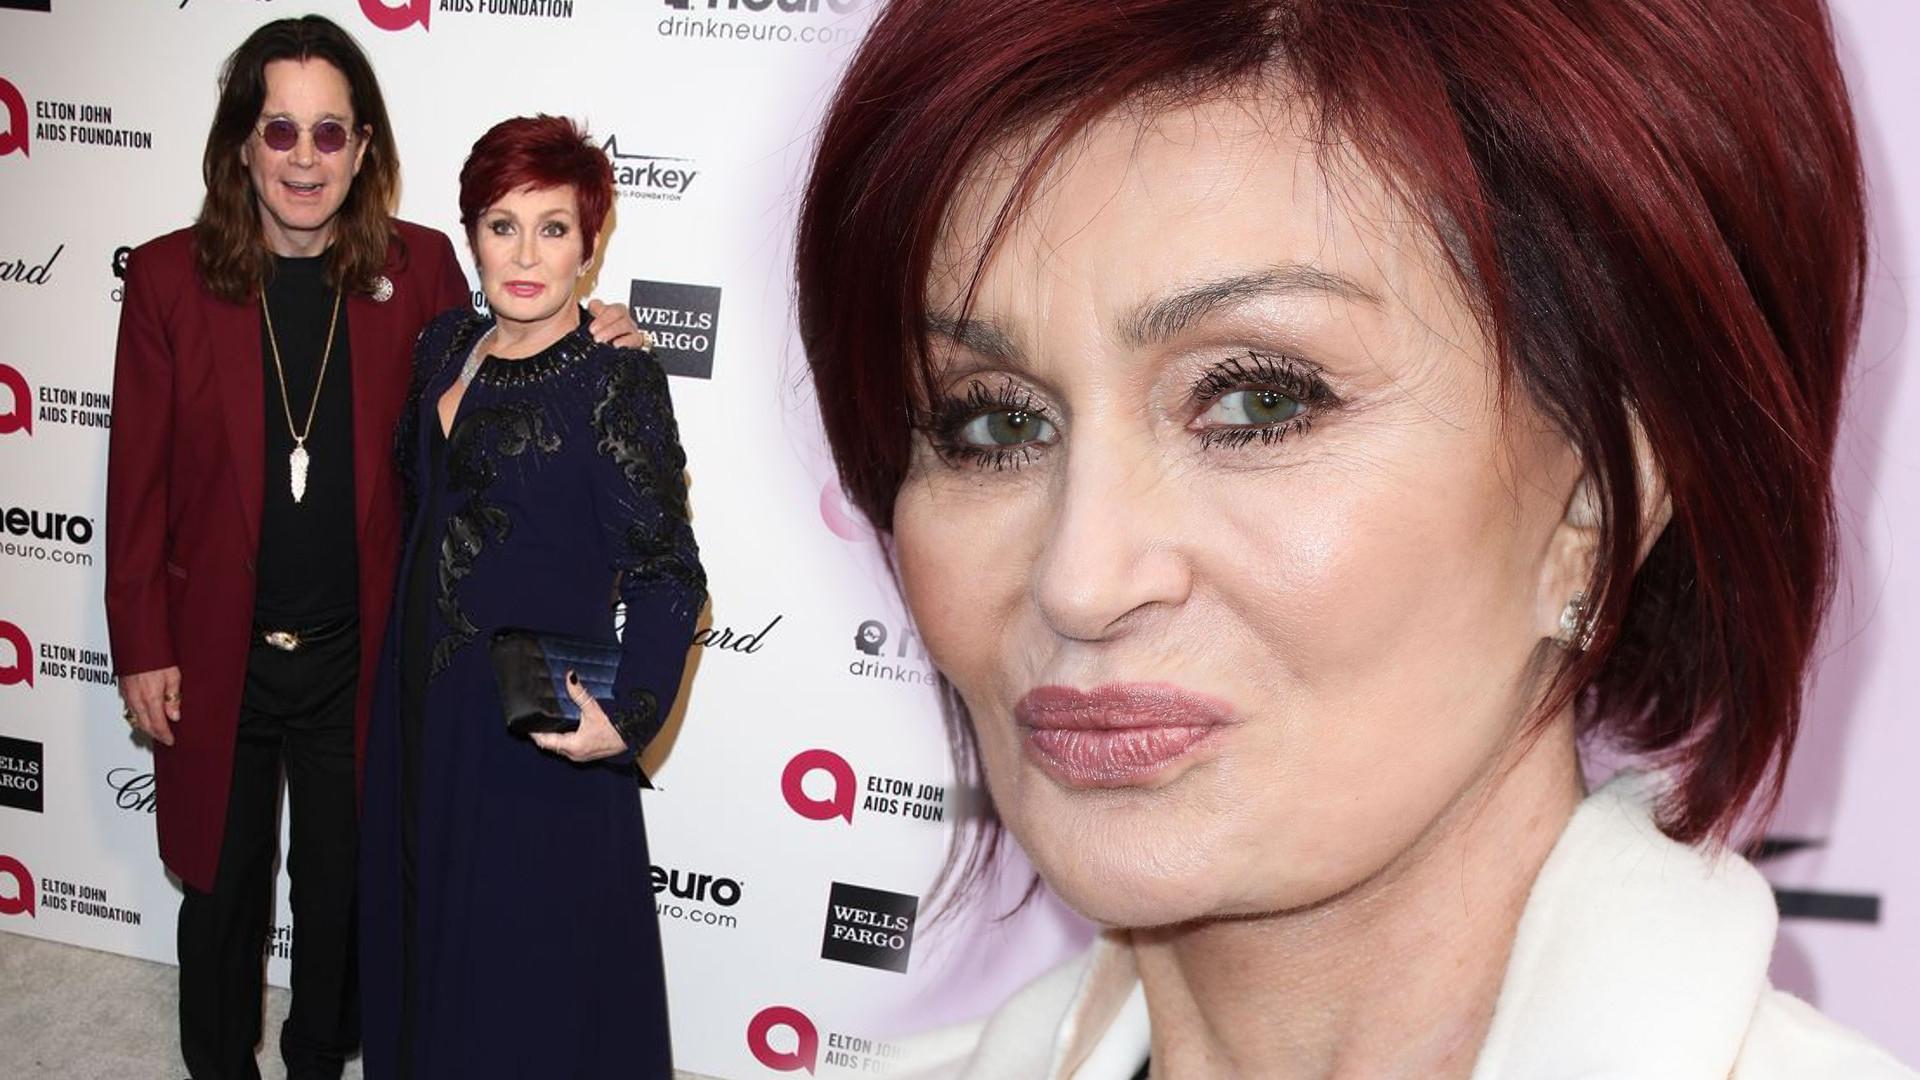 """Sharon Osbourne zachęca kobiety do poprawiania urody: """"Jestem przykładem, jak powinna wyglądać kobieta po operacjach plastycznych"""""""